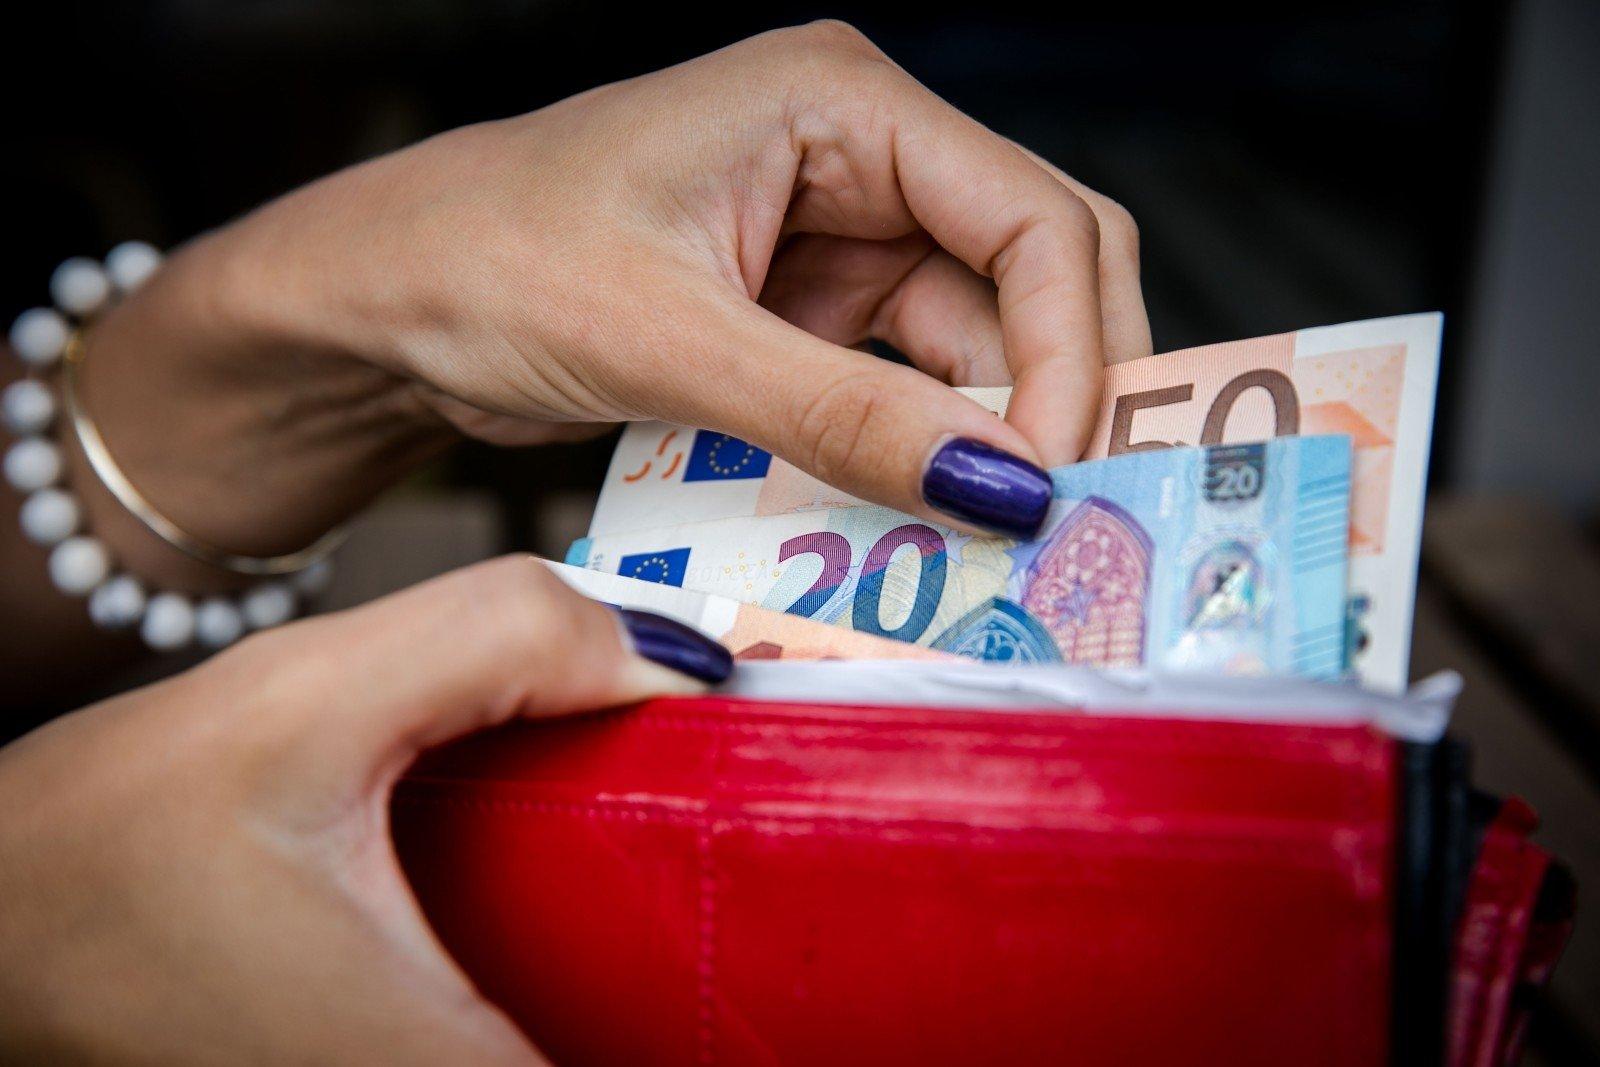 kaip užsidirbti pinigų tarpduryje ar eisme svetaines, kuriose galite užsidirbti vaizdo įrašų